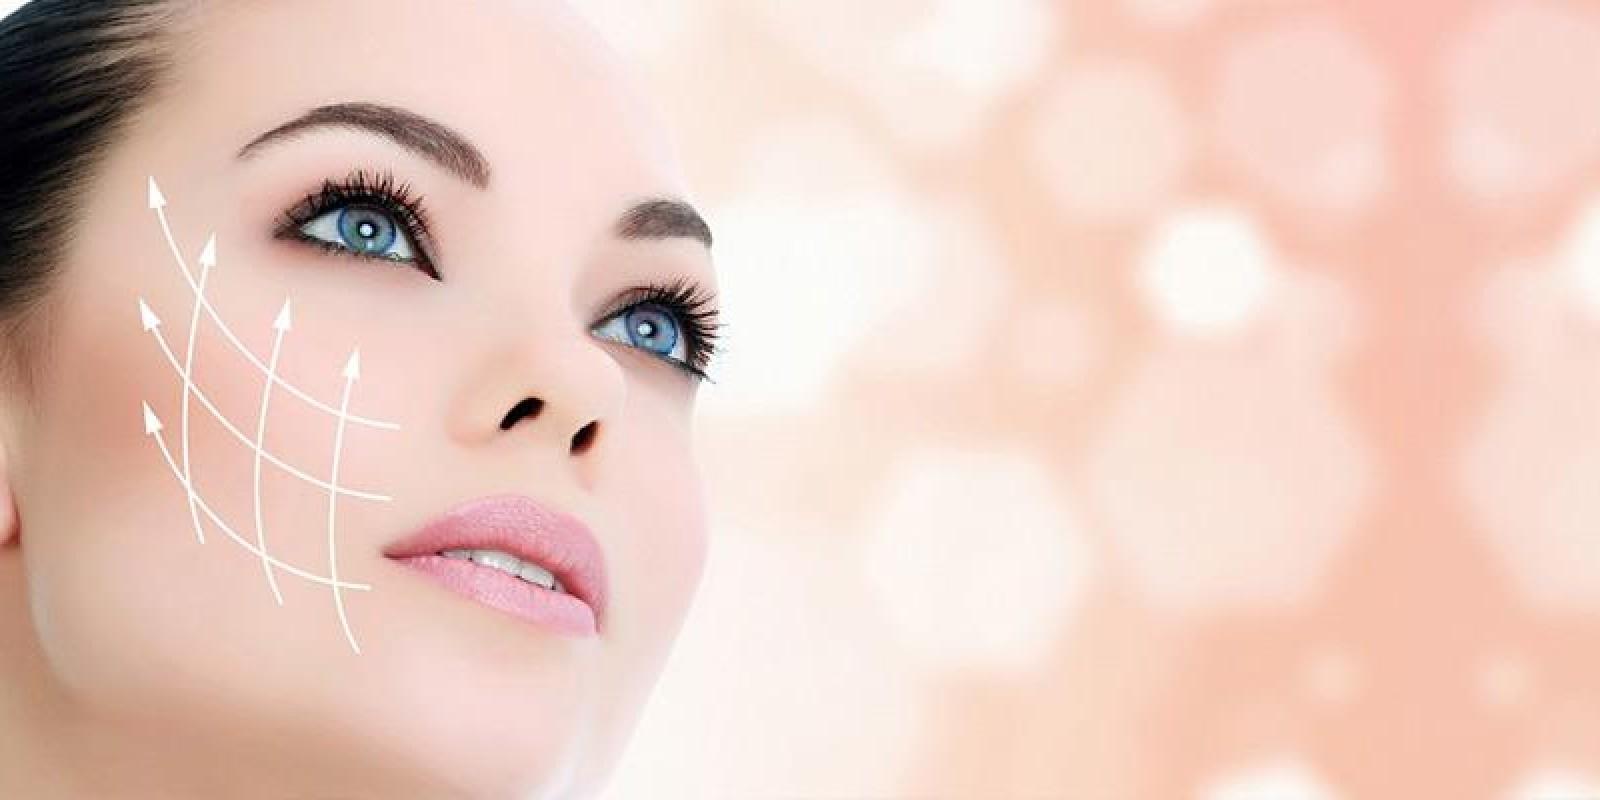 O que é Dermatologia?, Conceito, Doenças e Tratamento